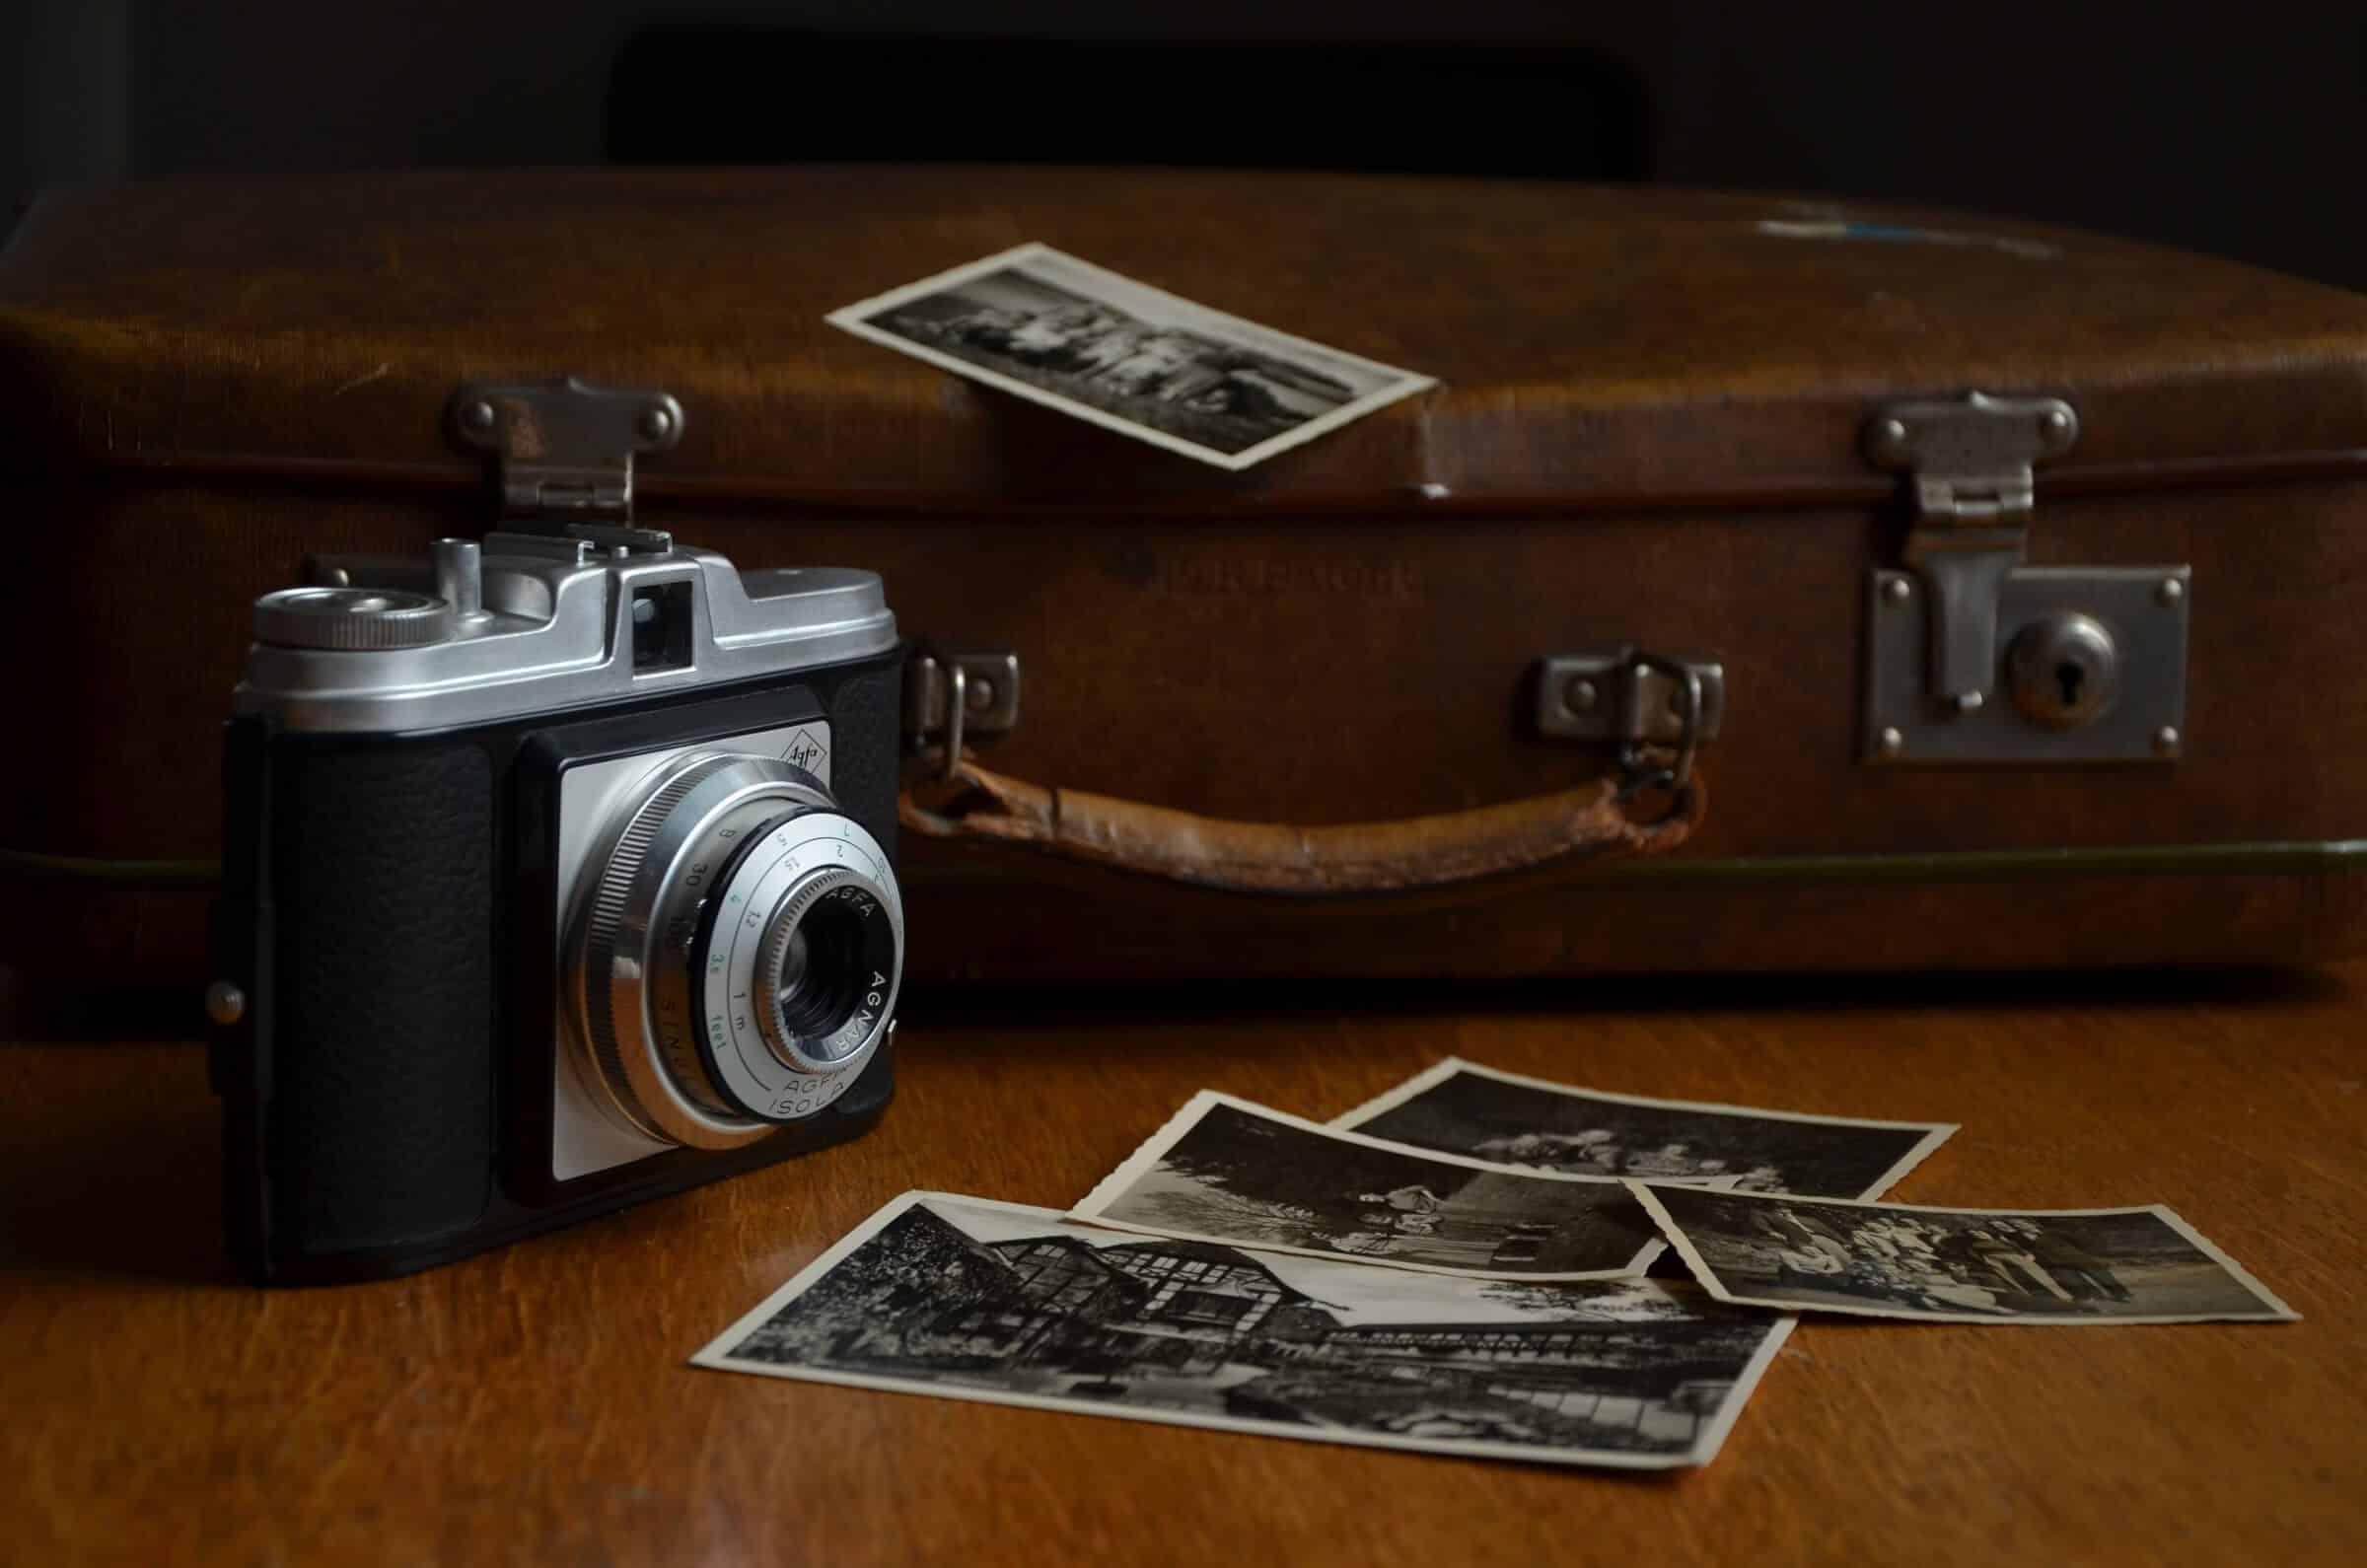 Checkliste Urlaub Koffer packen Koffer packen Liste